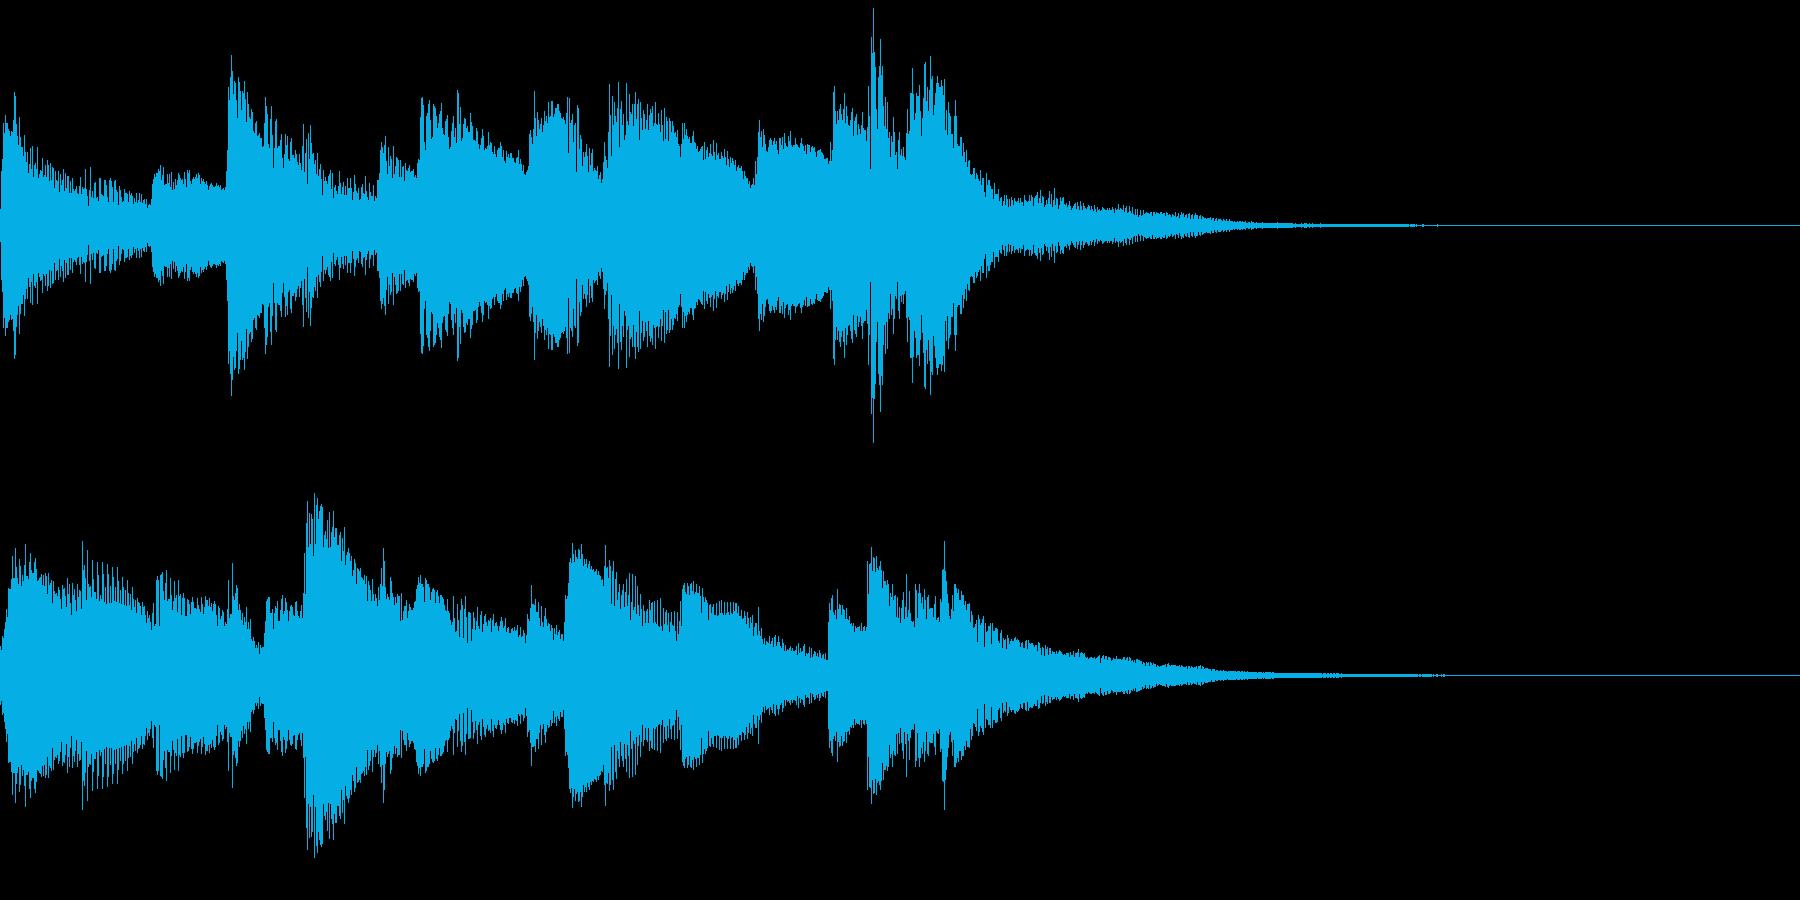 ほのぼの癒し系ピアノジングルの再生済みの波形